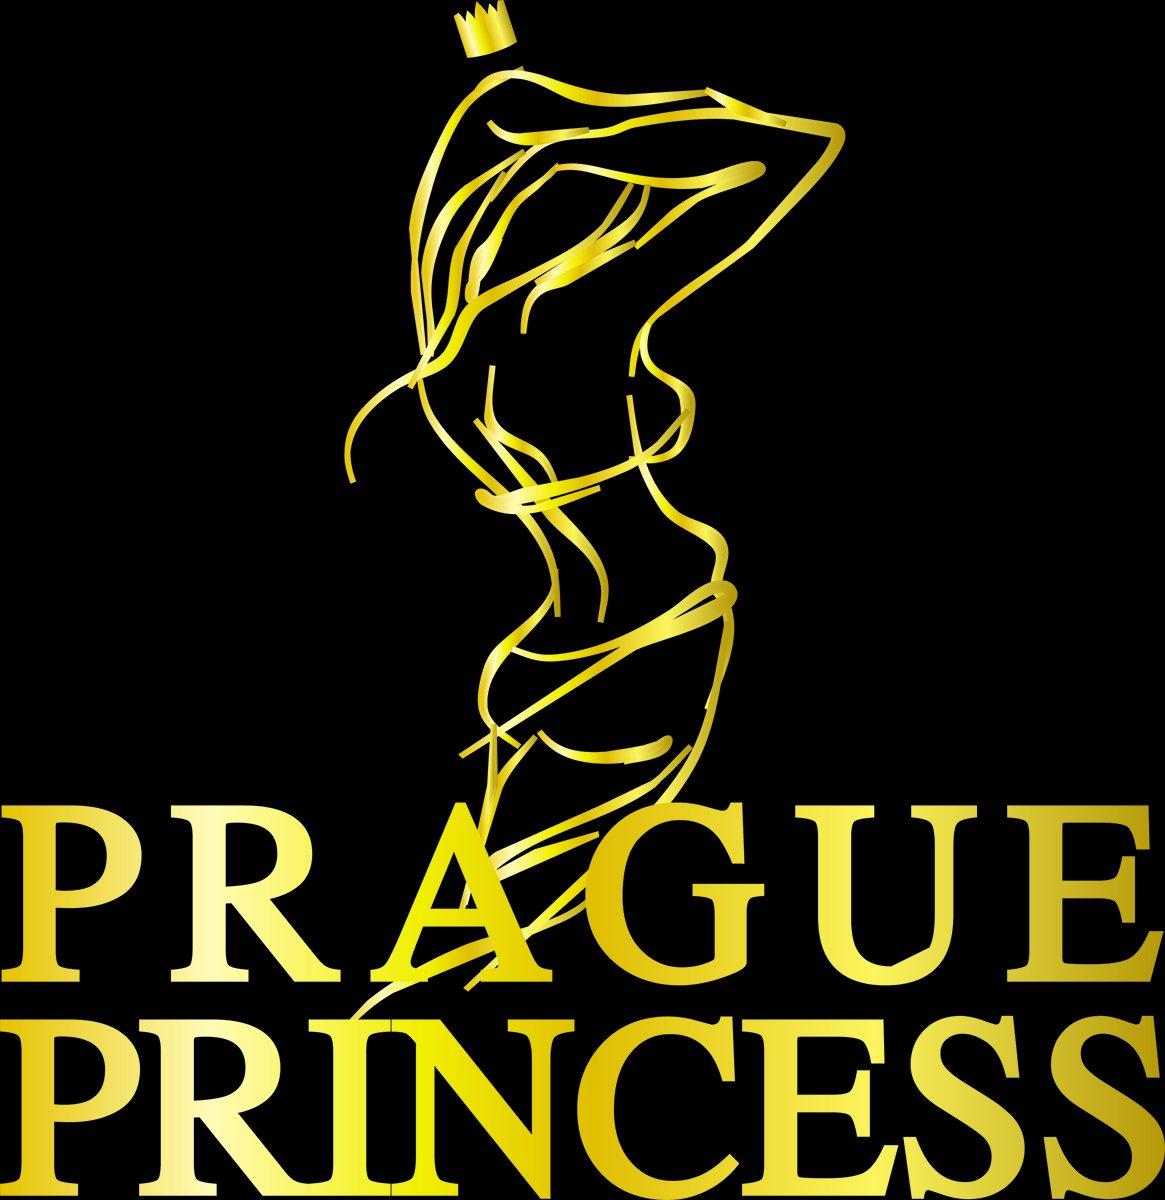 prague princess sex v přírodě